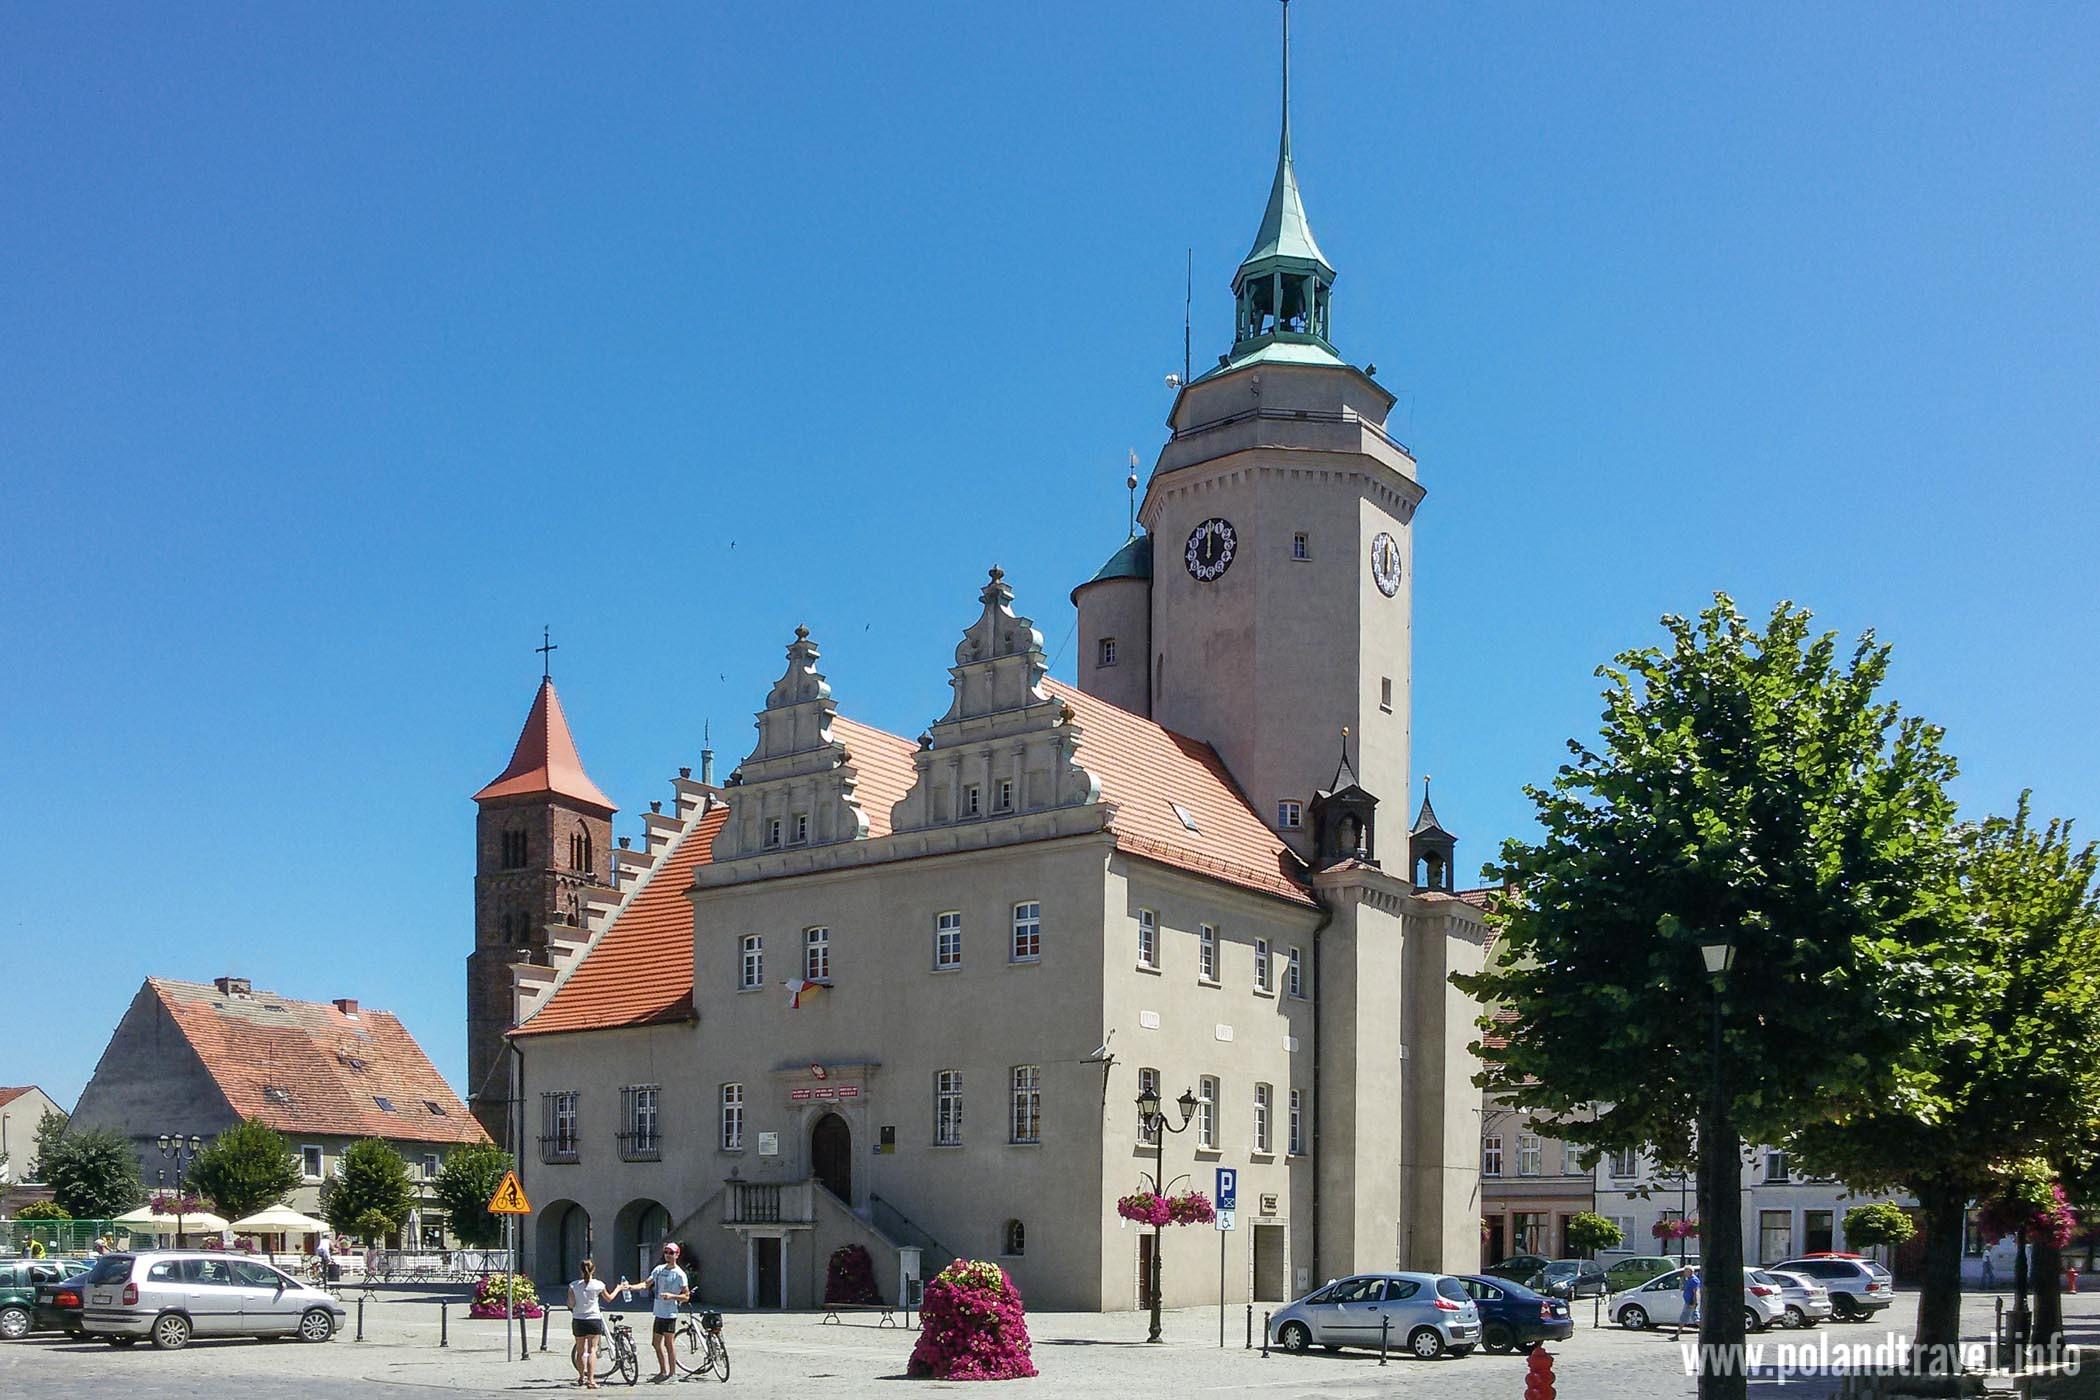 Efektowny ratusz w Prusicach w południe, w tle kościół, z boku aleja drzew